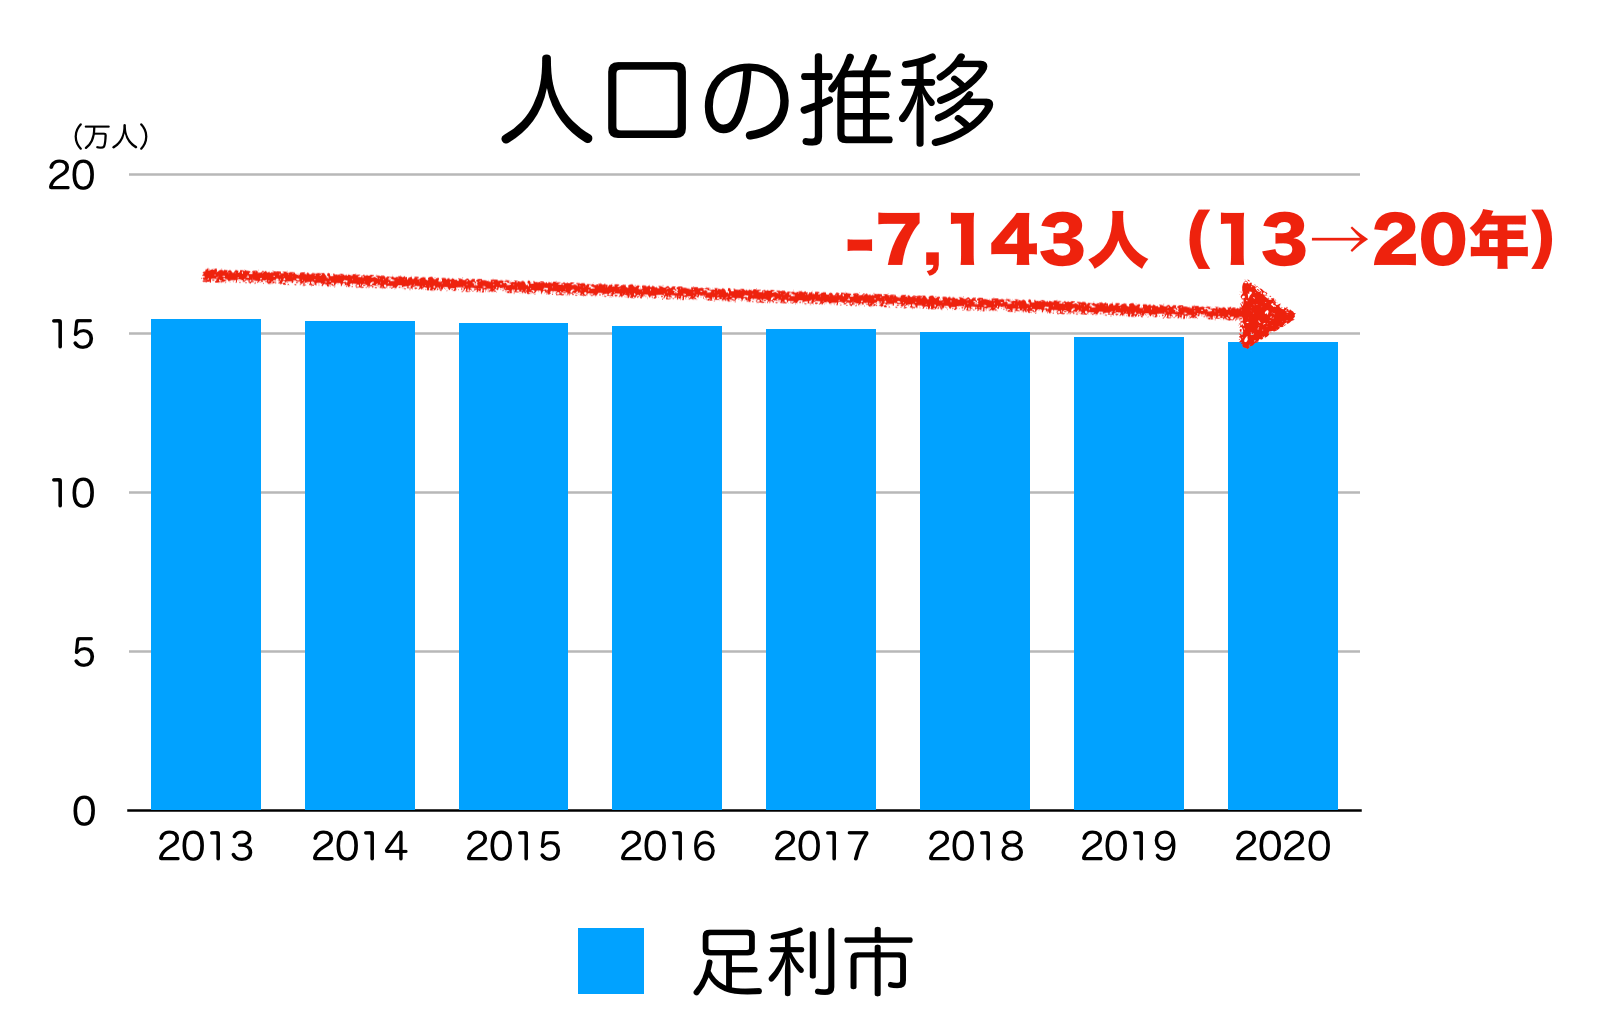 足利市の人口推移